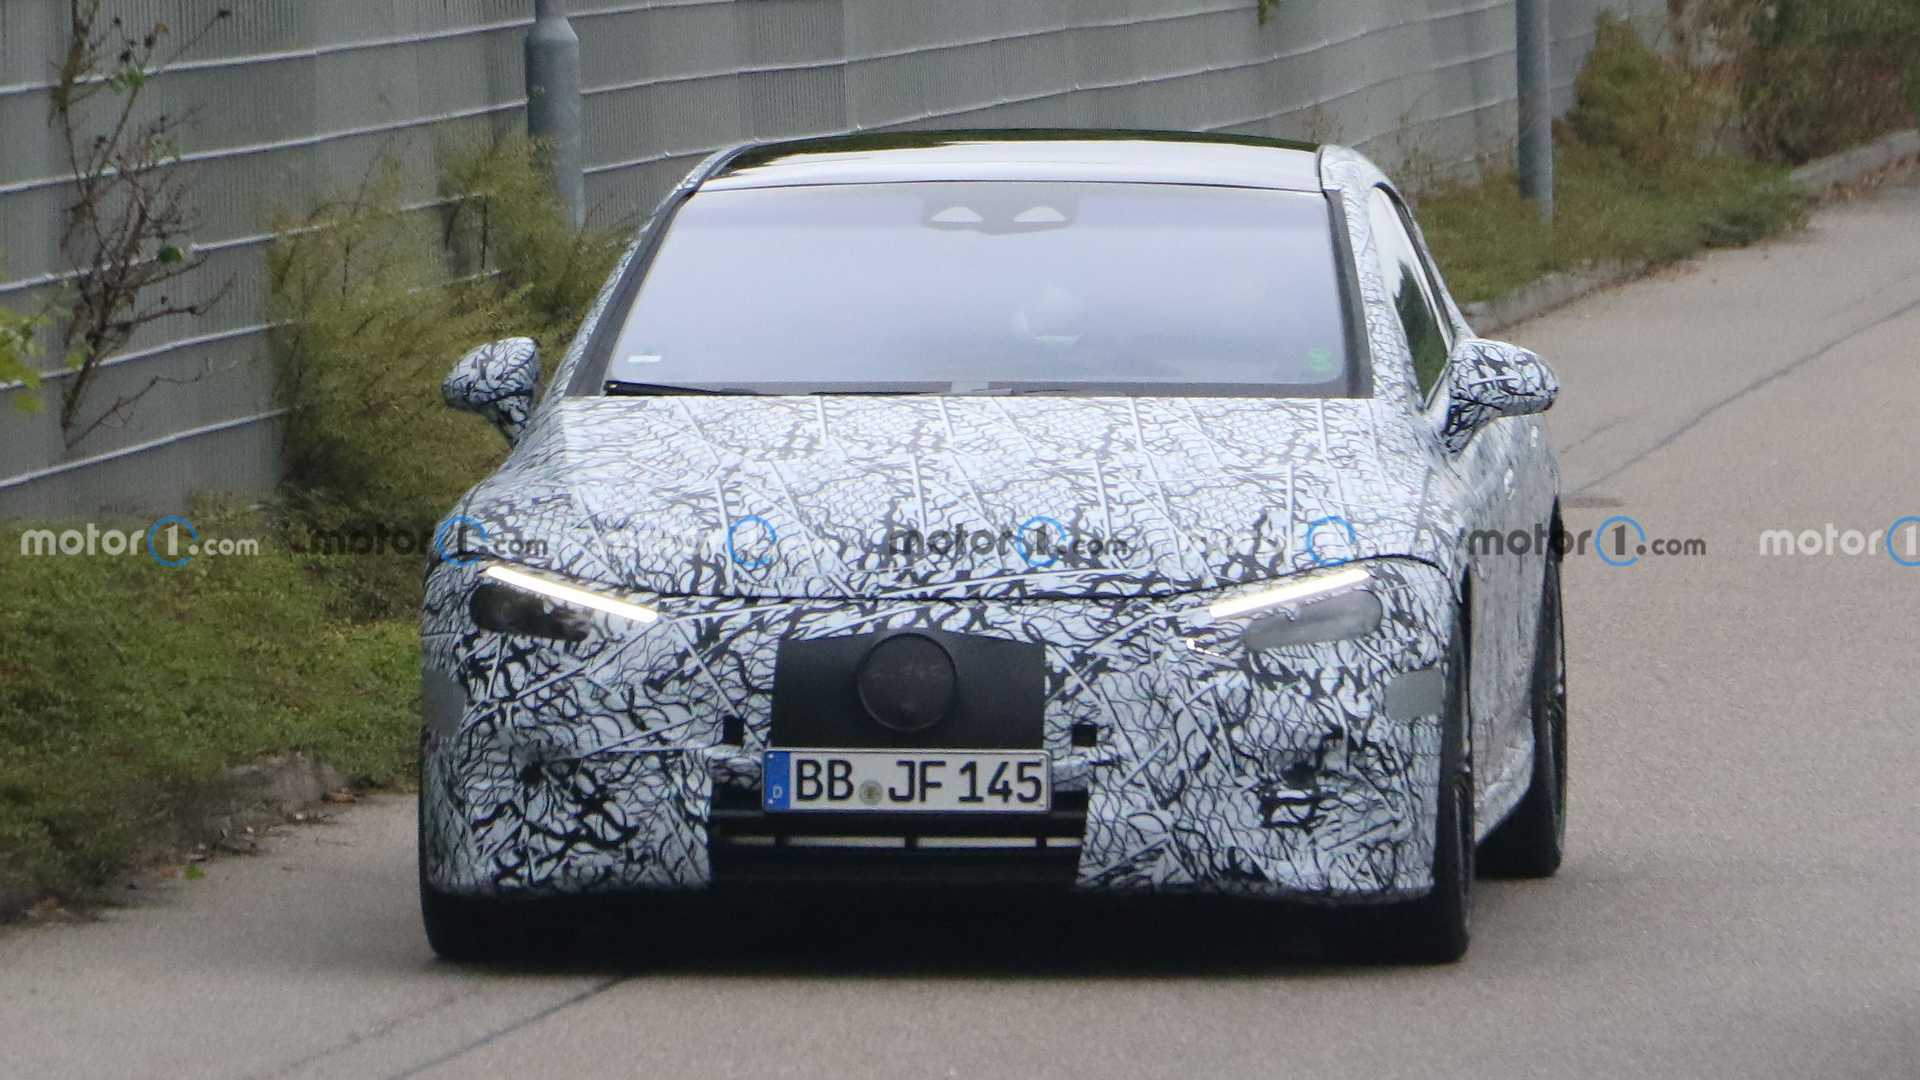 Mercedes-Benz EQE был представлен совсем недавно в Мюнхене, а теперь фотошпионам попалась на тестах его «заряженная» версия с задним спойлером и увеличенными двуцветными «катками».